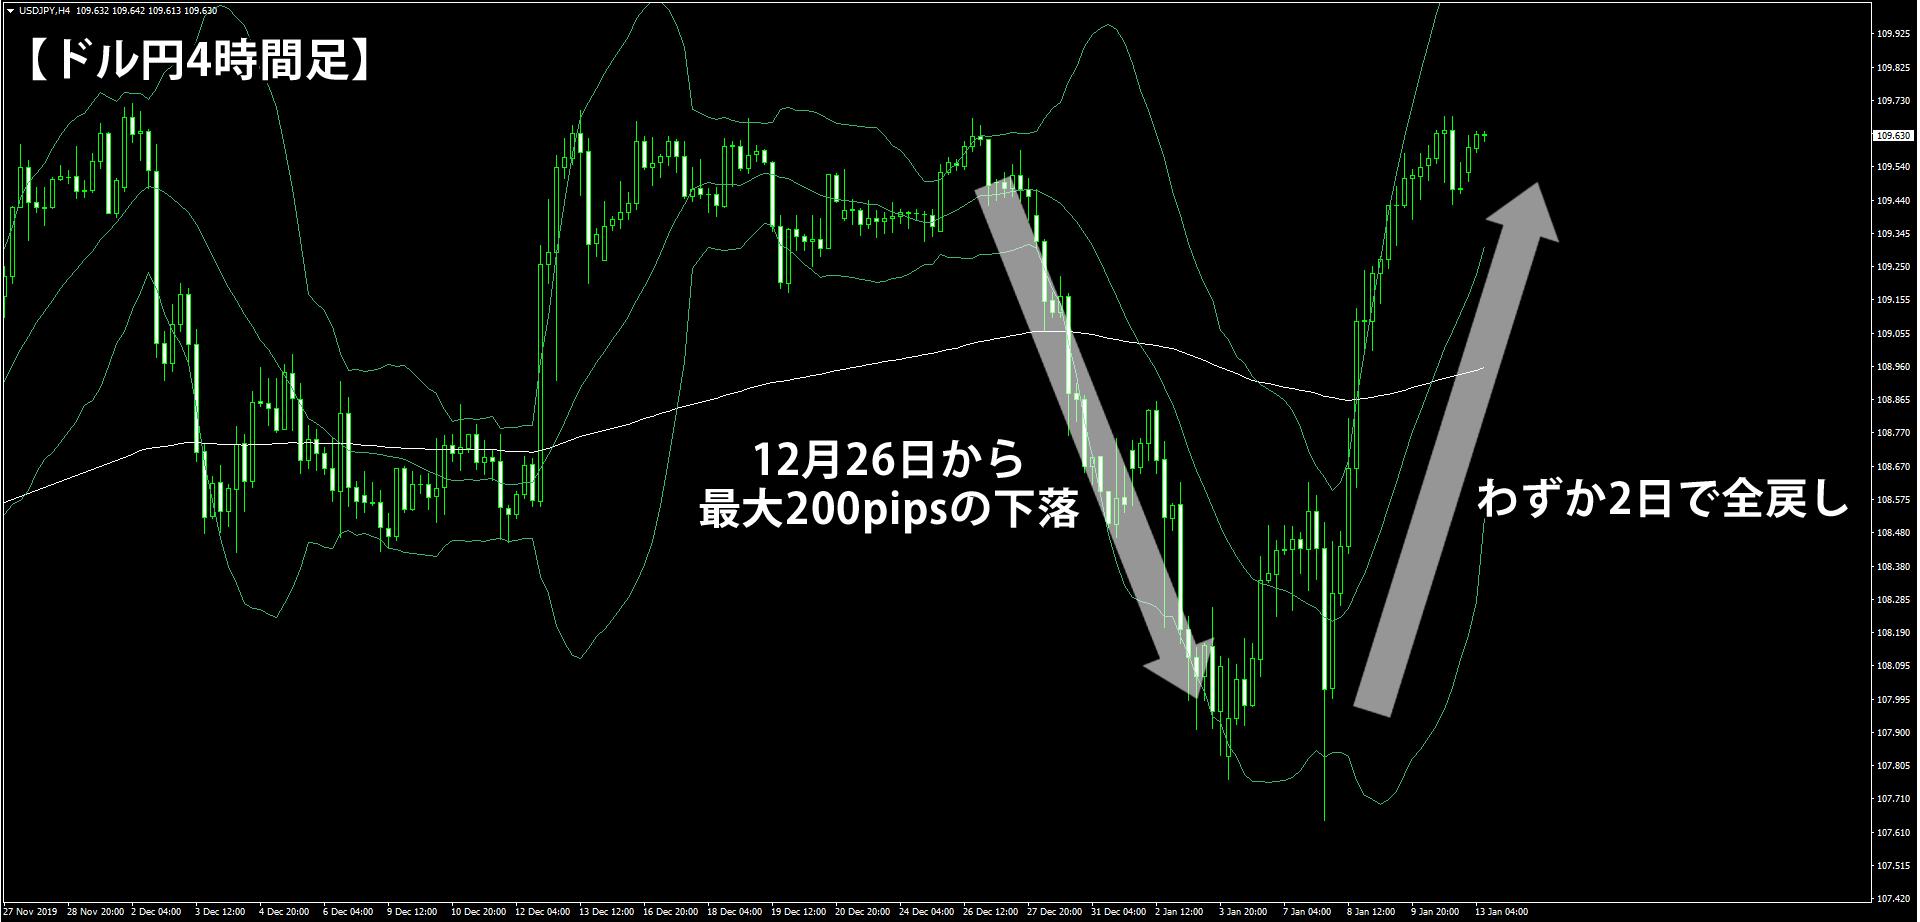 年末年始の下落上昇を演じたドル円4時間足チャート